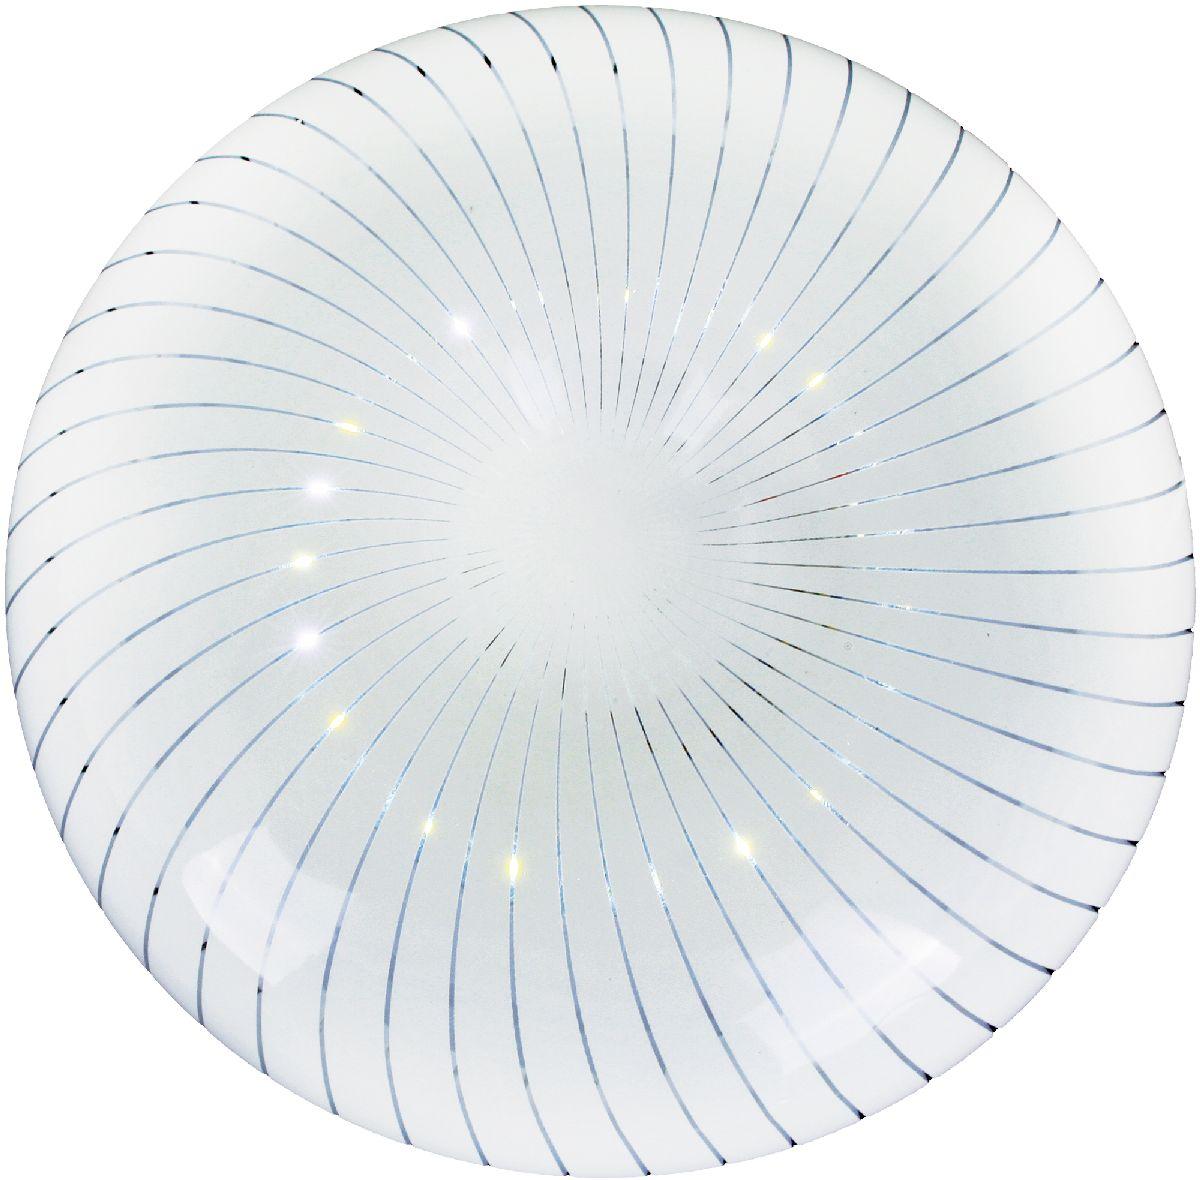 Светильник настенно-потолочный Camelion LBS-0703, LED, 24W, 4500K. 1269012690Светильник Camelion LBS-0703 - накладной настенно-потолочный осветительный прибор, который станет прекрасным вариантом для освещения как жилых комнат, так и коммерческих зданий. Идеален для монтажа в помещениях с невысокими потолками. Данная модель выполнена на основе энергоэффективных светодиодных ламп, излучающих яркое, равномерное свечение без эффекта мерцания.Характеристики: Напряжение питания : 220-230 В, 50Гц Световой поток: 1920 Лм Размеры: 380 х 80 ммСтепень защиты: IP30 Цветовая температура: 4500 KИсточник света: светодиодыКрепление: потолочное, настенноеВид ламп: светодиоднаяМакс. мощность ламп: 24WМатериал плафона: пластикПоверхность плафона/арматуры: глянцевая.